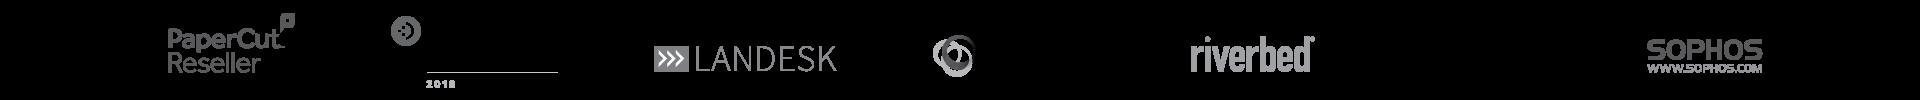 logos-new-5-(2019).png